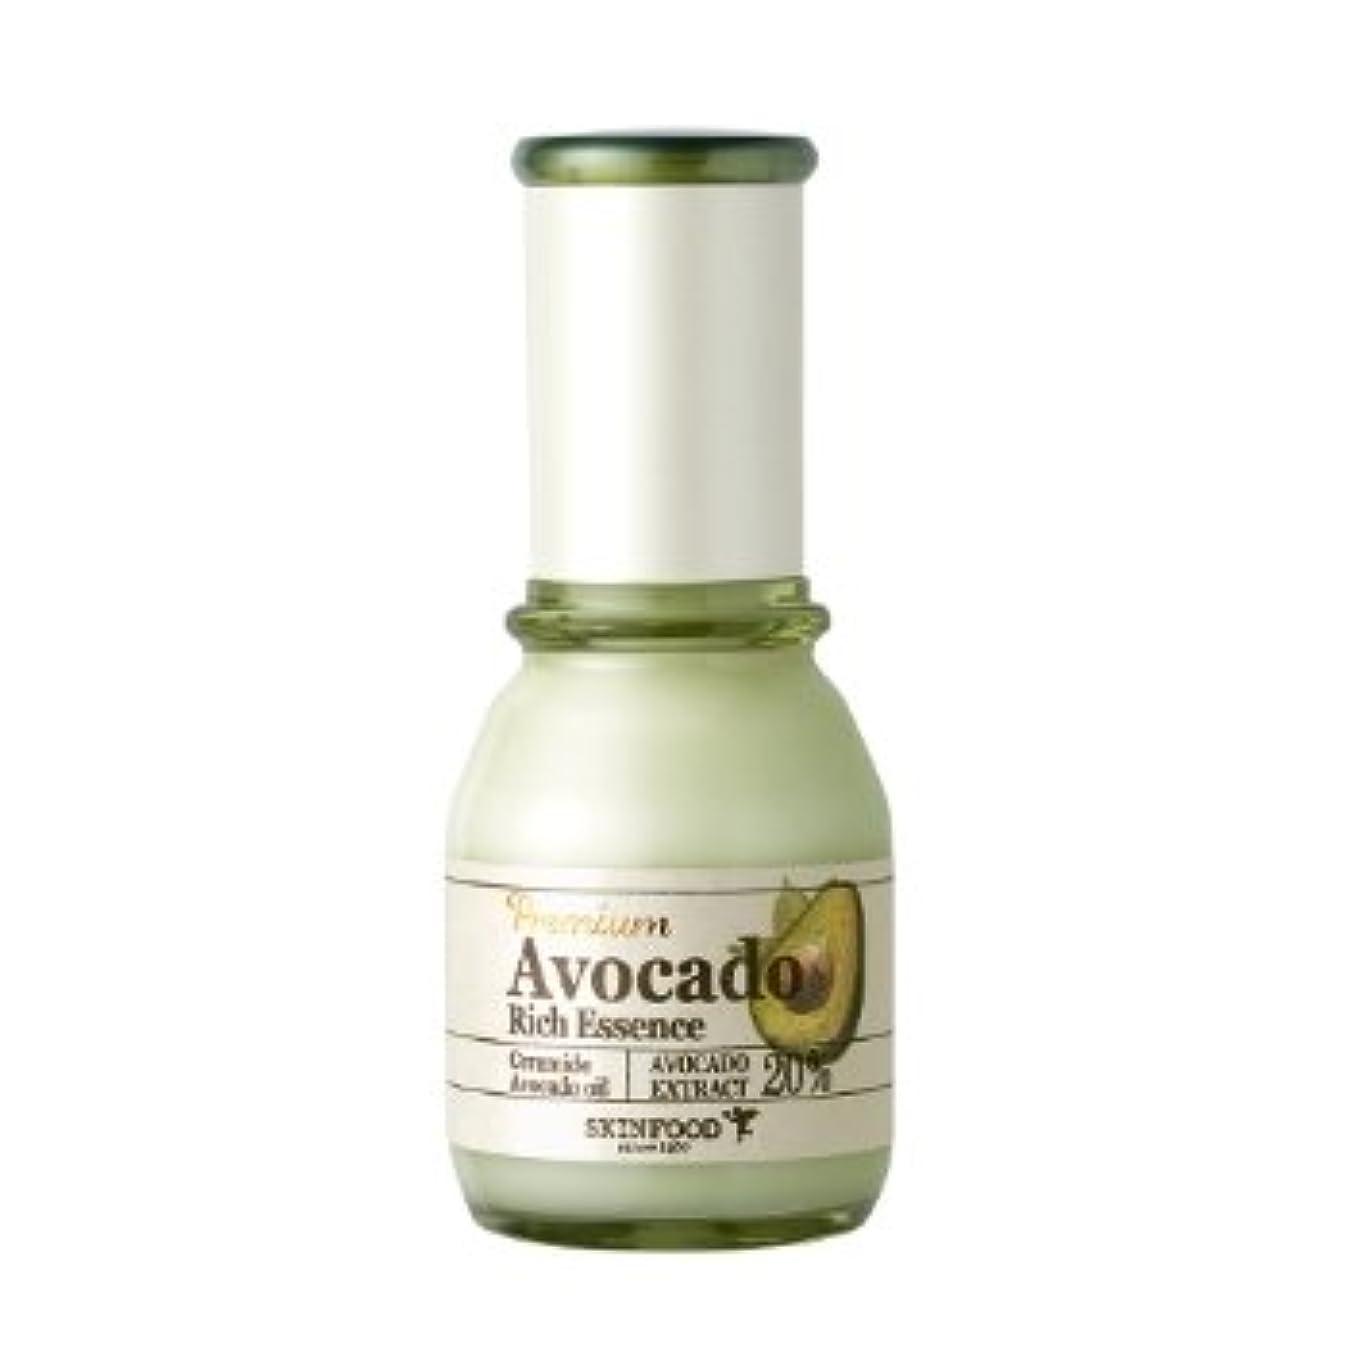 舗装篭フィドルスキンフード [Skin Food] プレミアム アボカド リーチ エッセンス 50ml / Premium Avocado Rich Essence 海外直送品